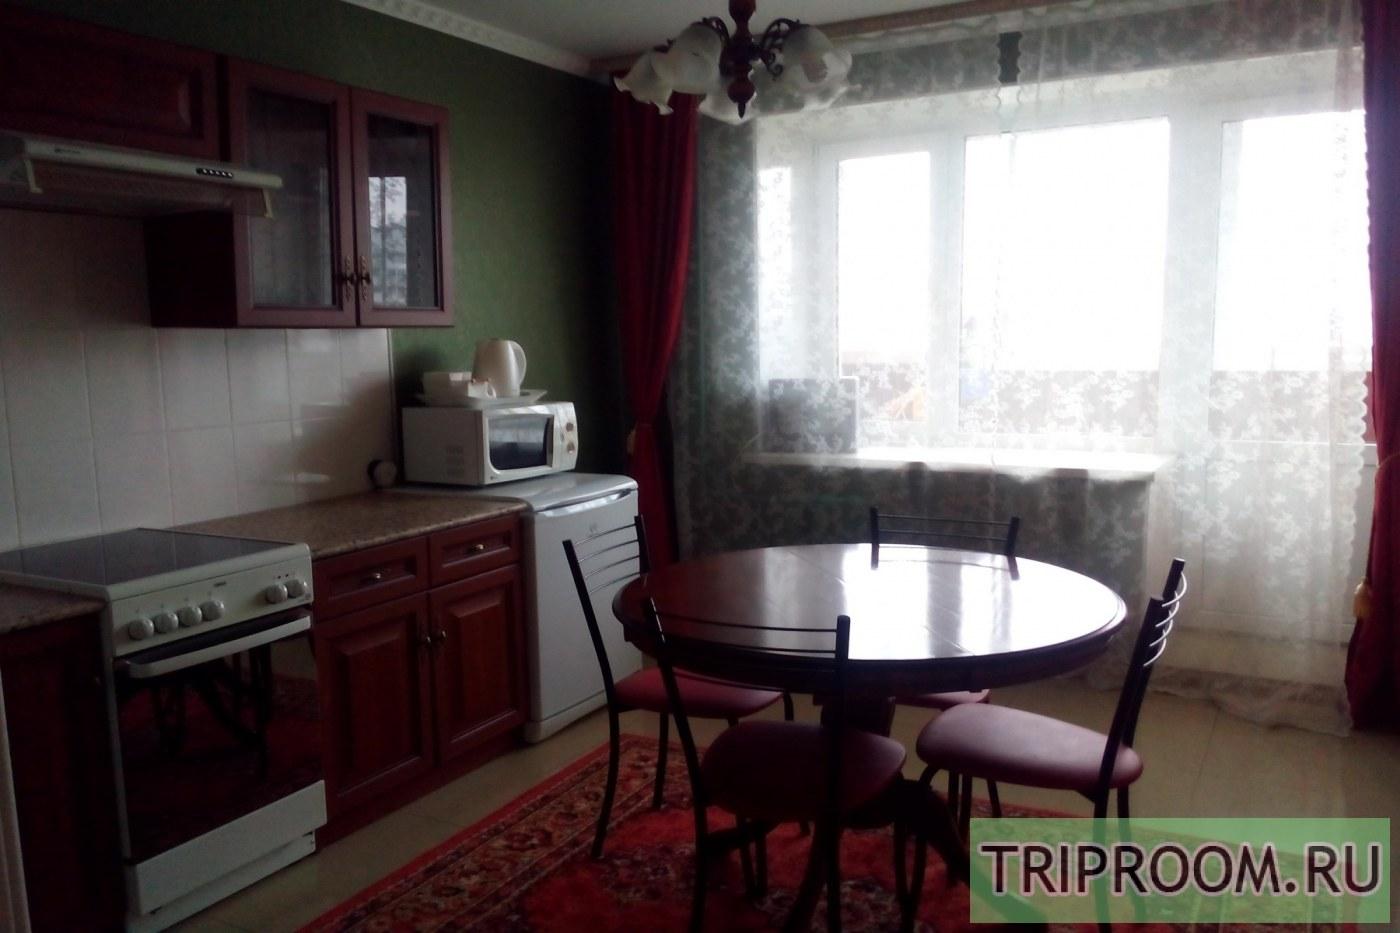 1-комнатная квартира посуточно (вариант № 39756), ул. Ивана Черных улица, фото № 4